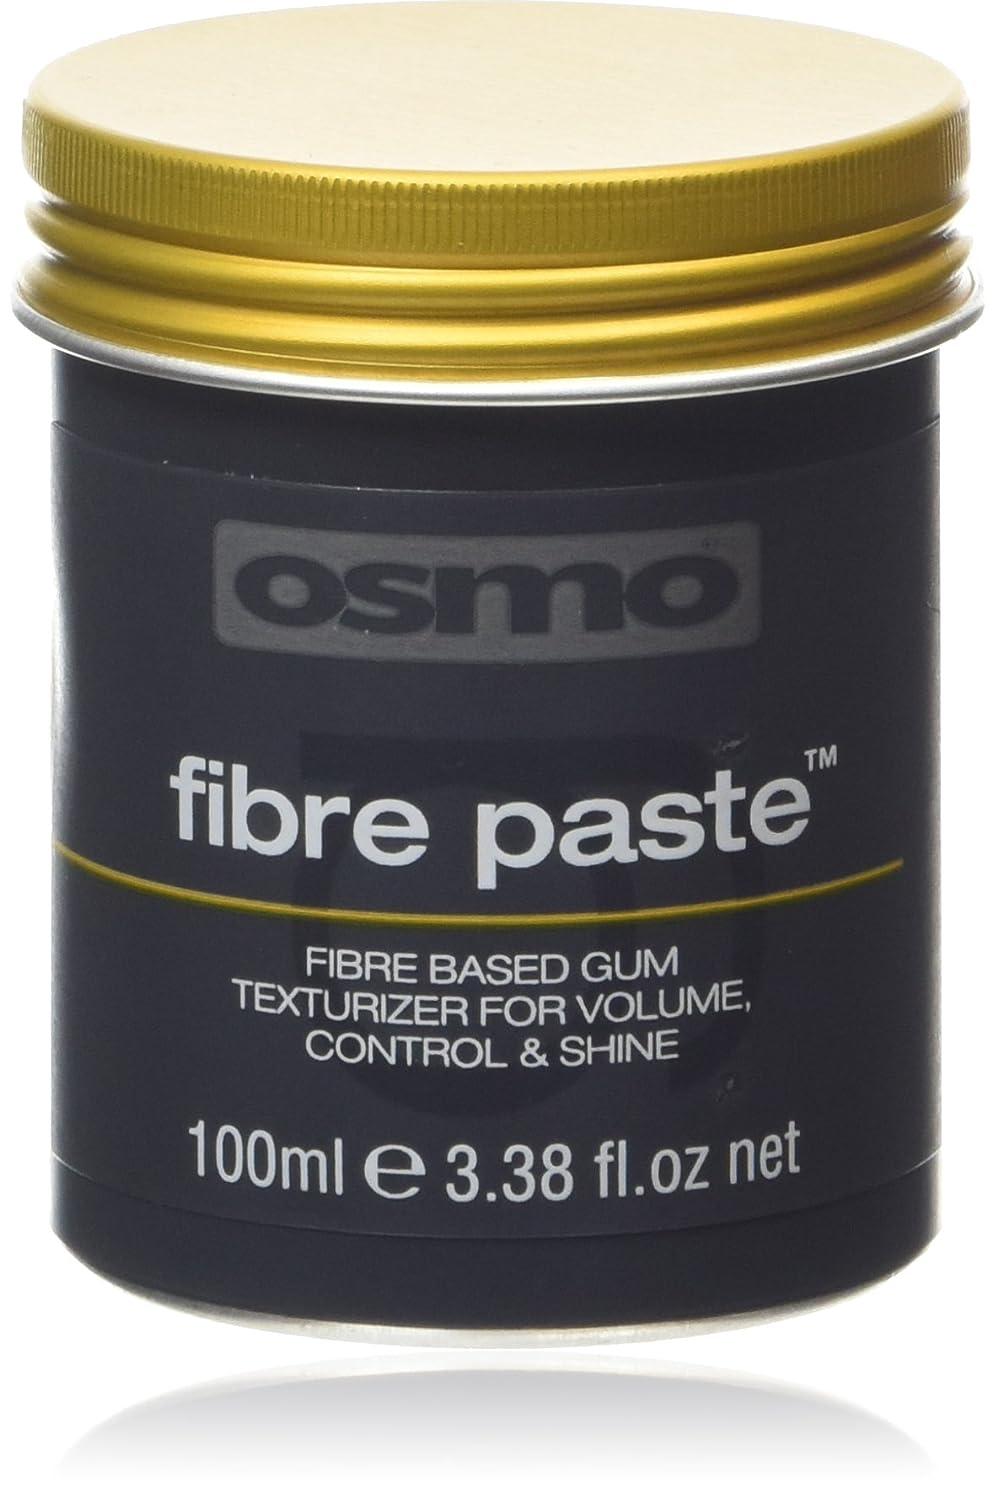 のれん冬火傷アレス OSMO グルーミングヘアワックス ファイバーペースト 100ml